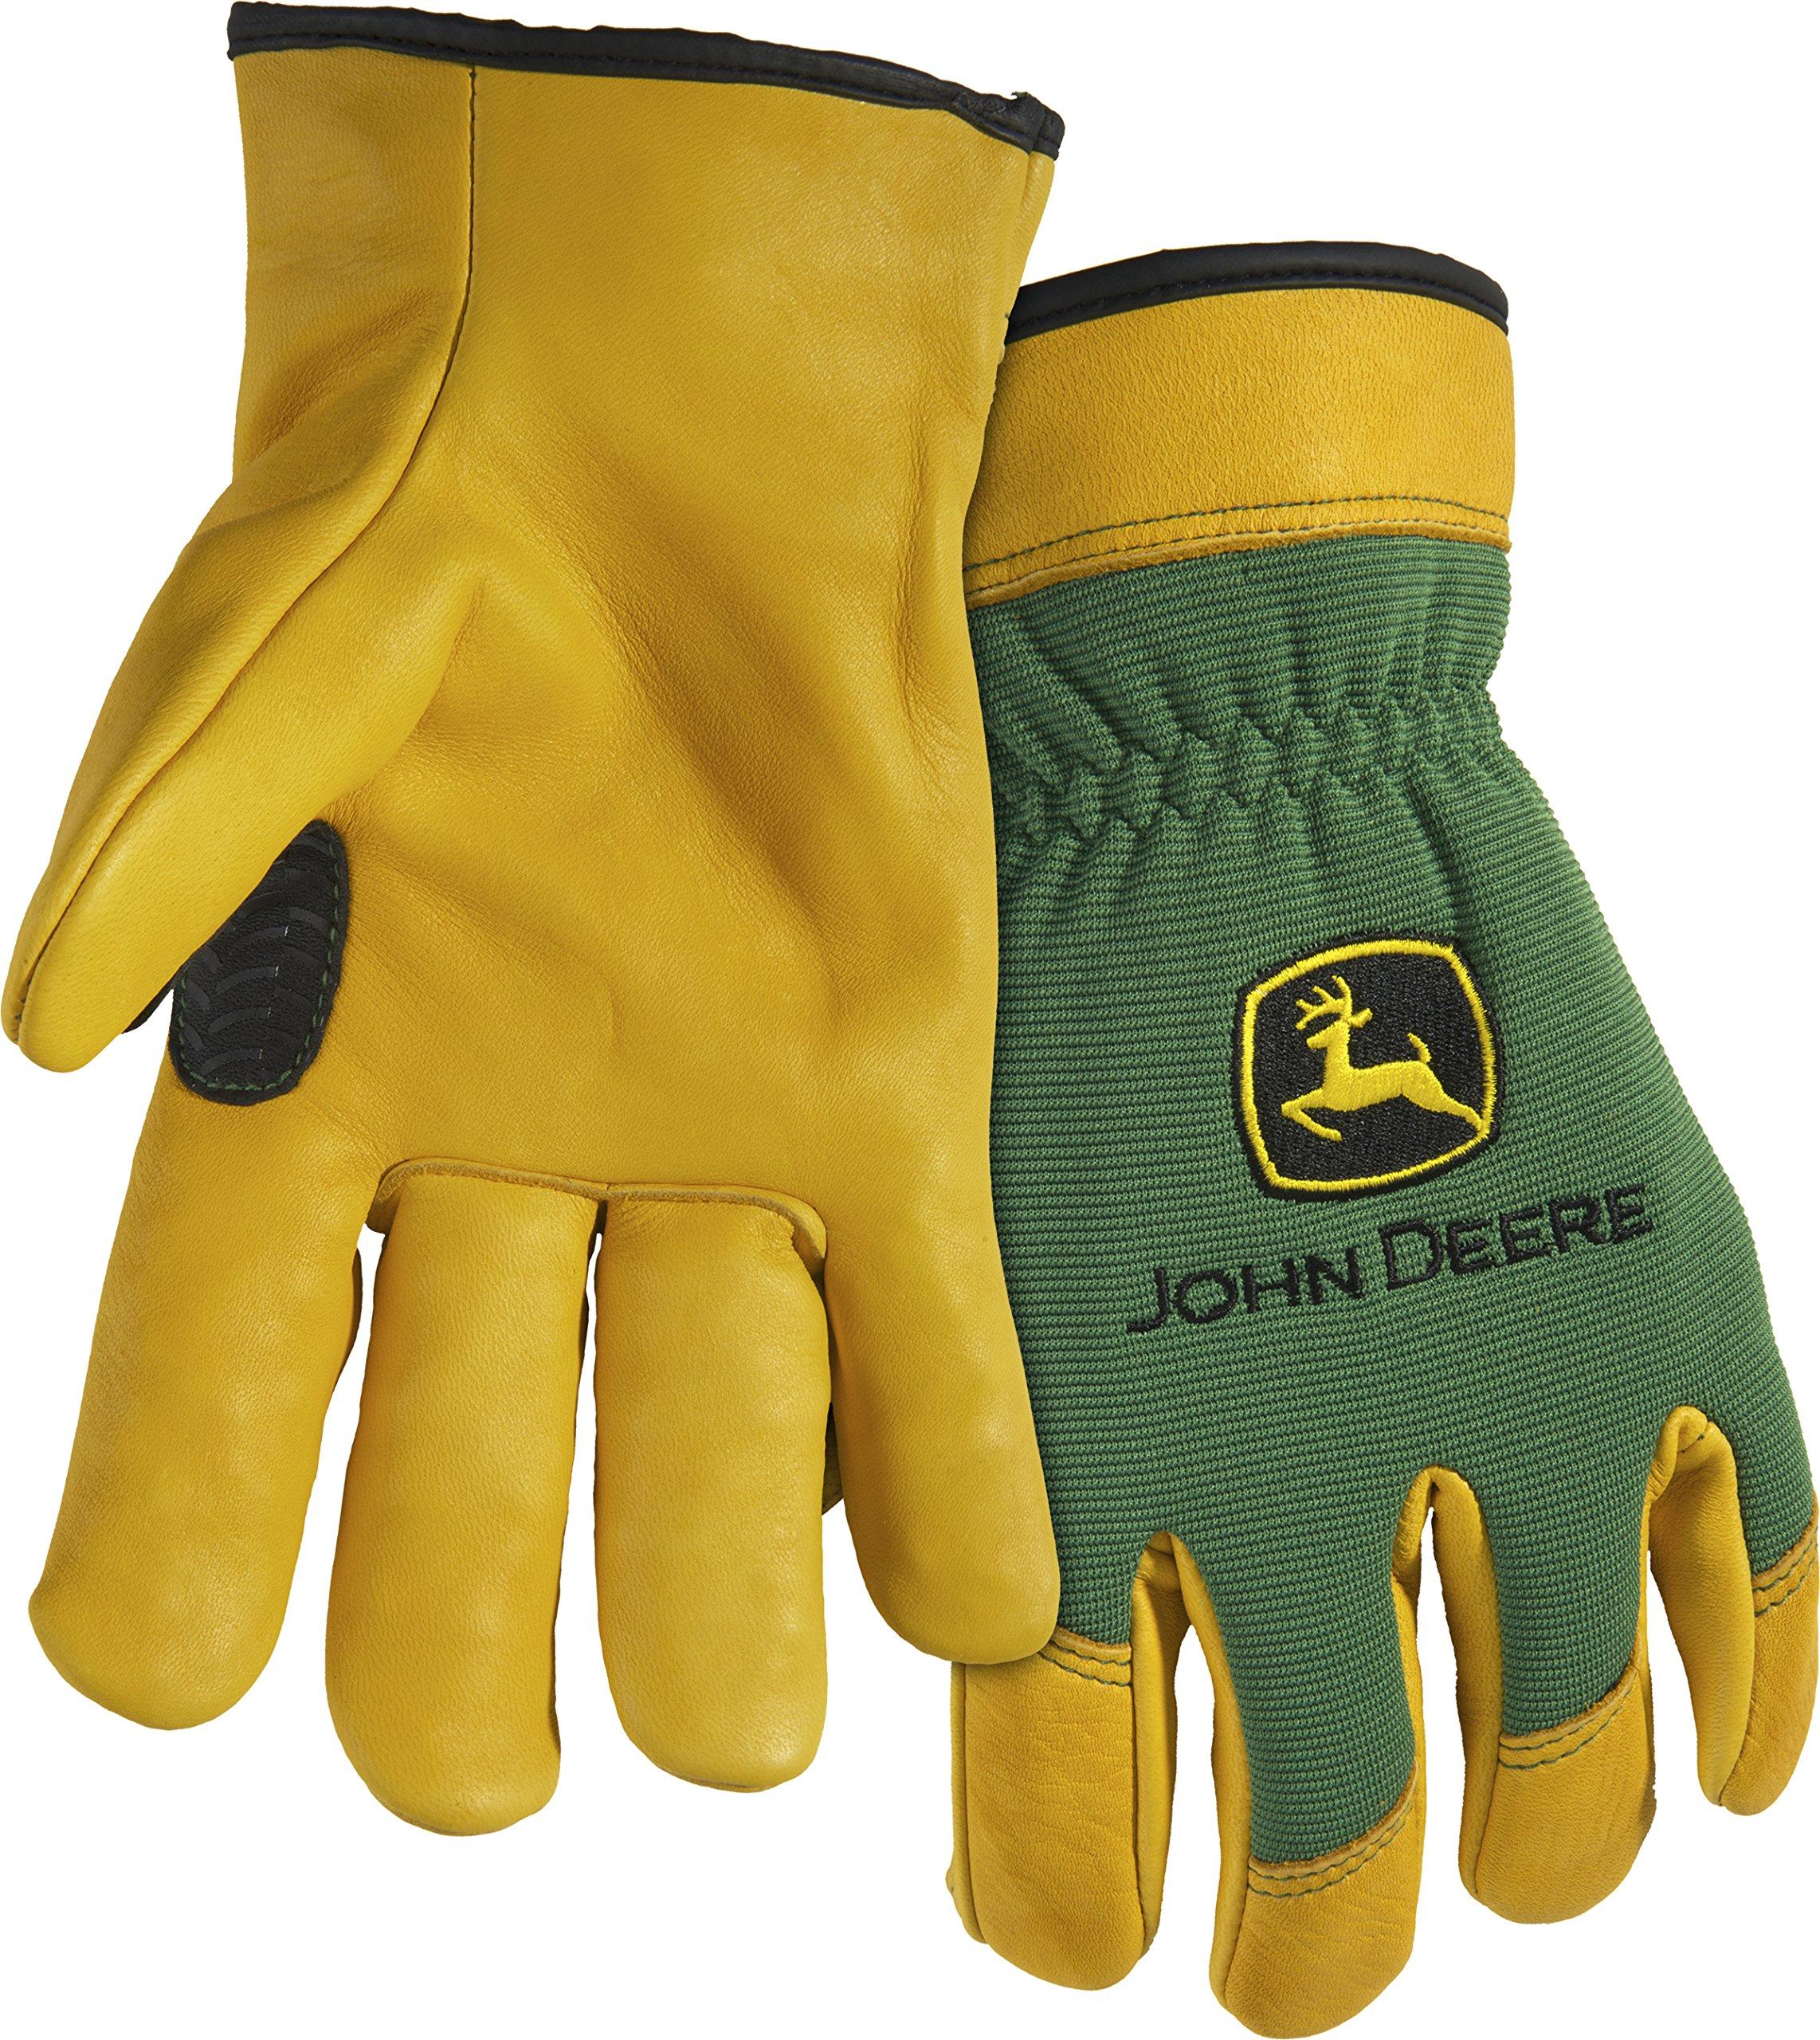 West Chester John Deere JD00008 Top Grain Deerskin Leather Driver Work Gloves: XX-Large, 1 Pair